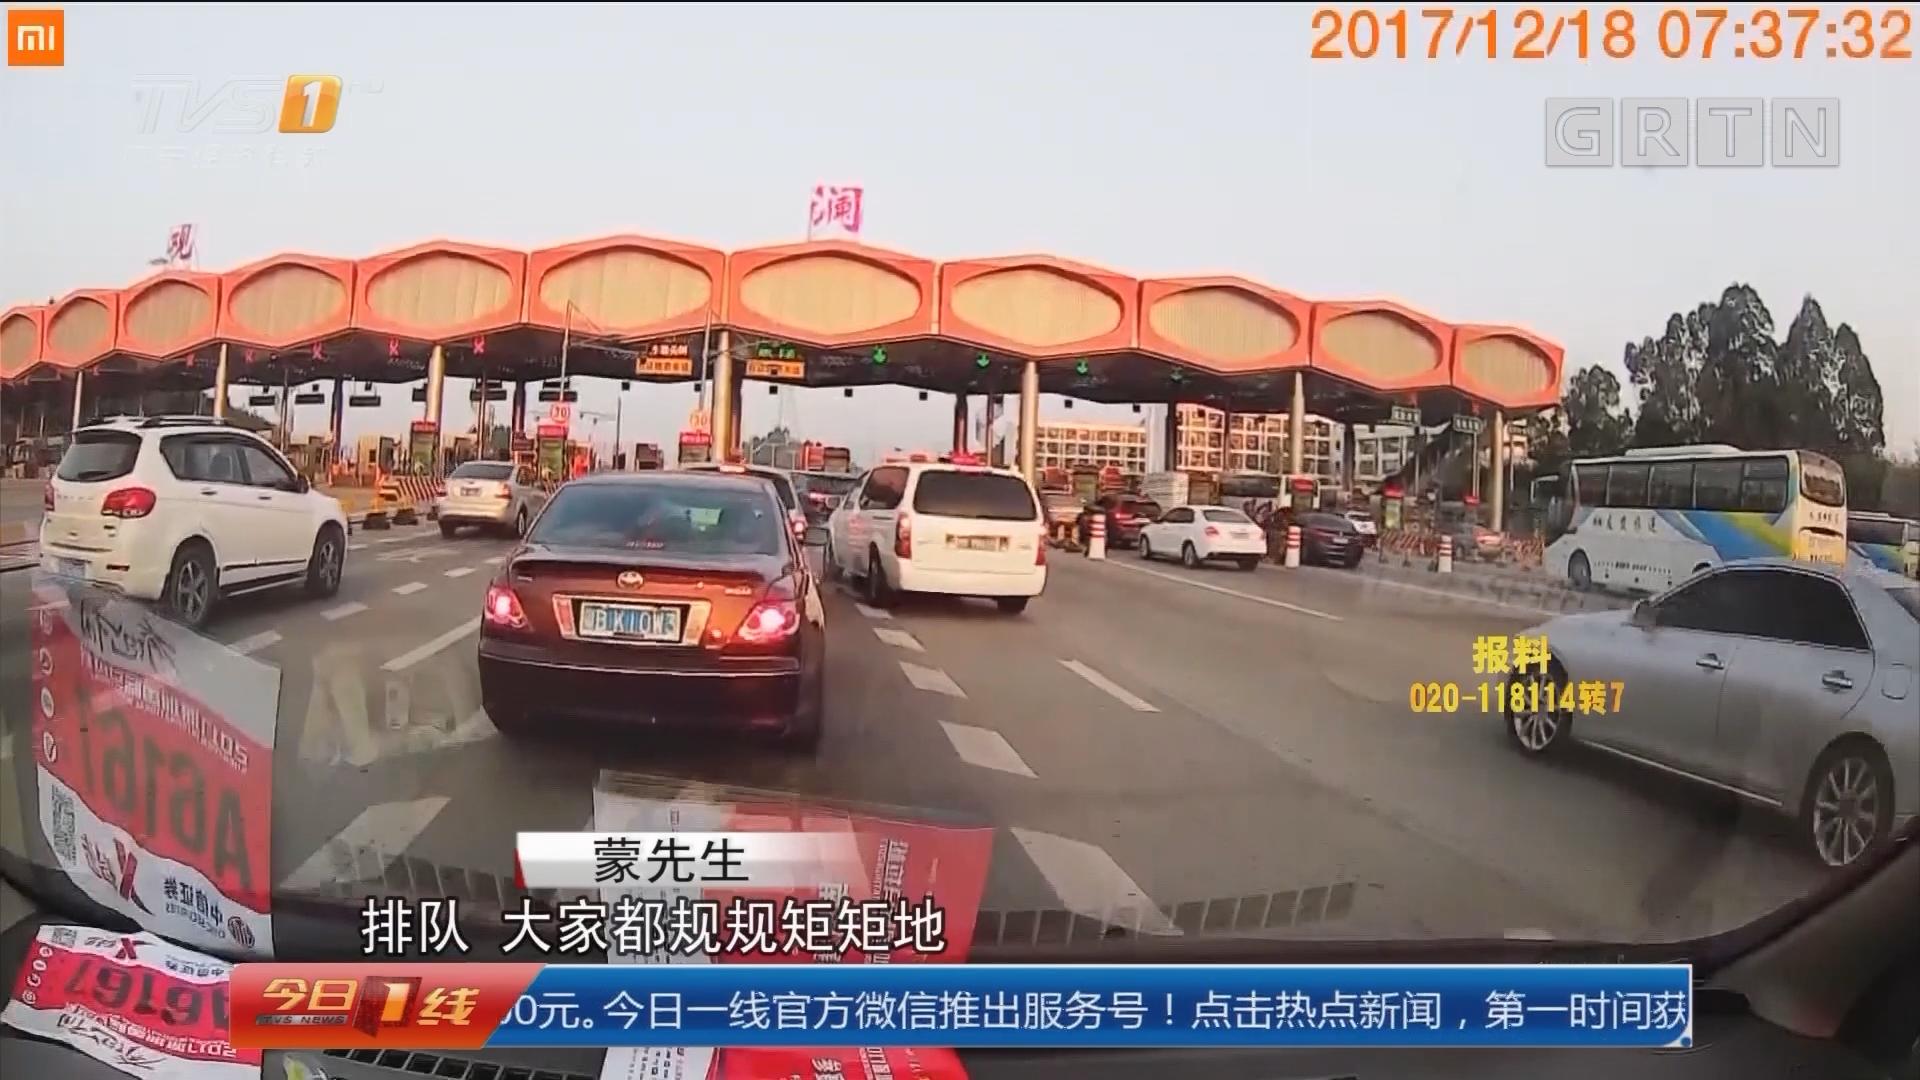 珠三角环线高速:插队不成 司机高速上疯狂别车